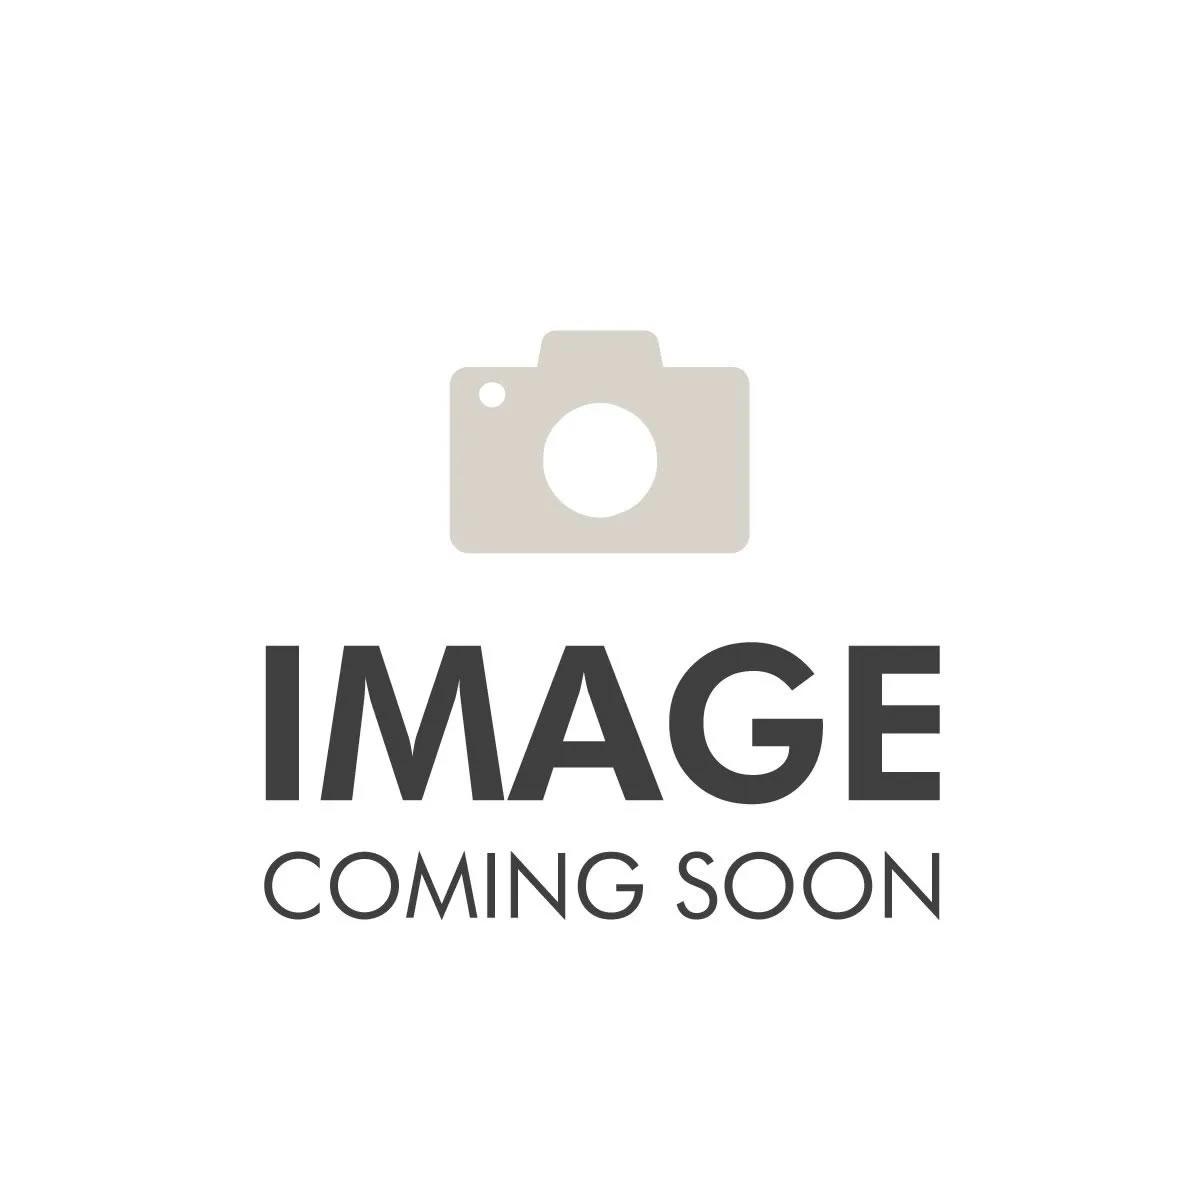 Aluminum Front XHD Bumper Ends, 07-18 Wrangler